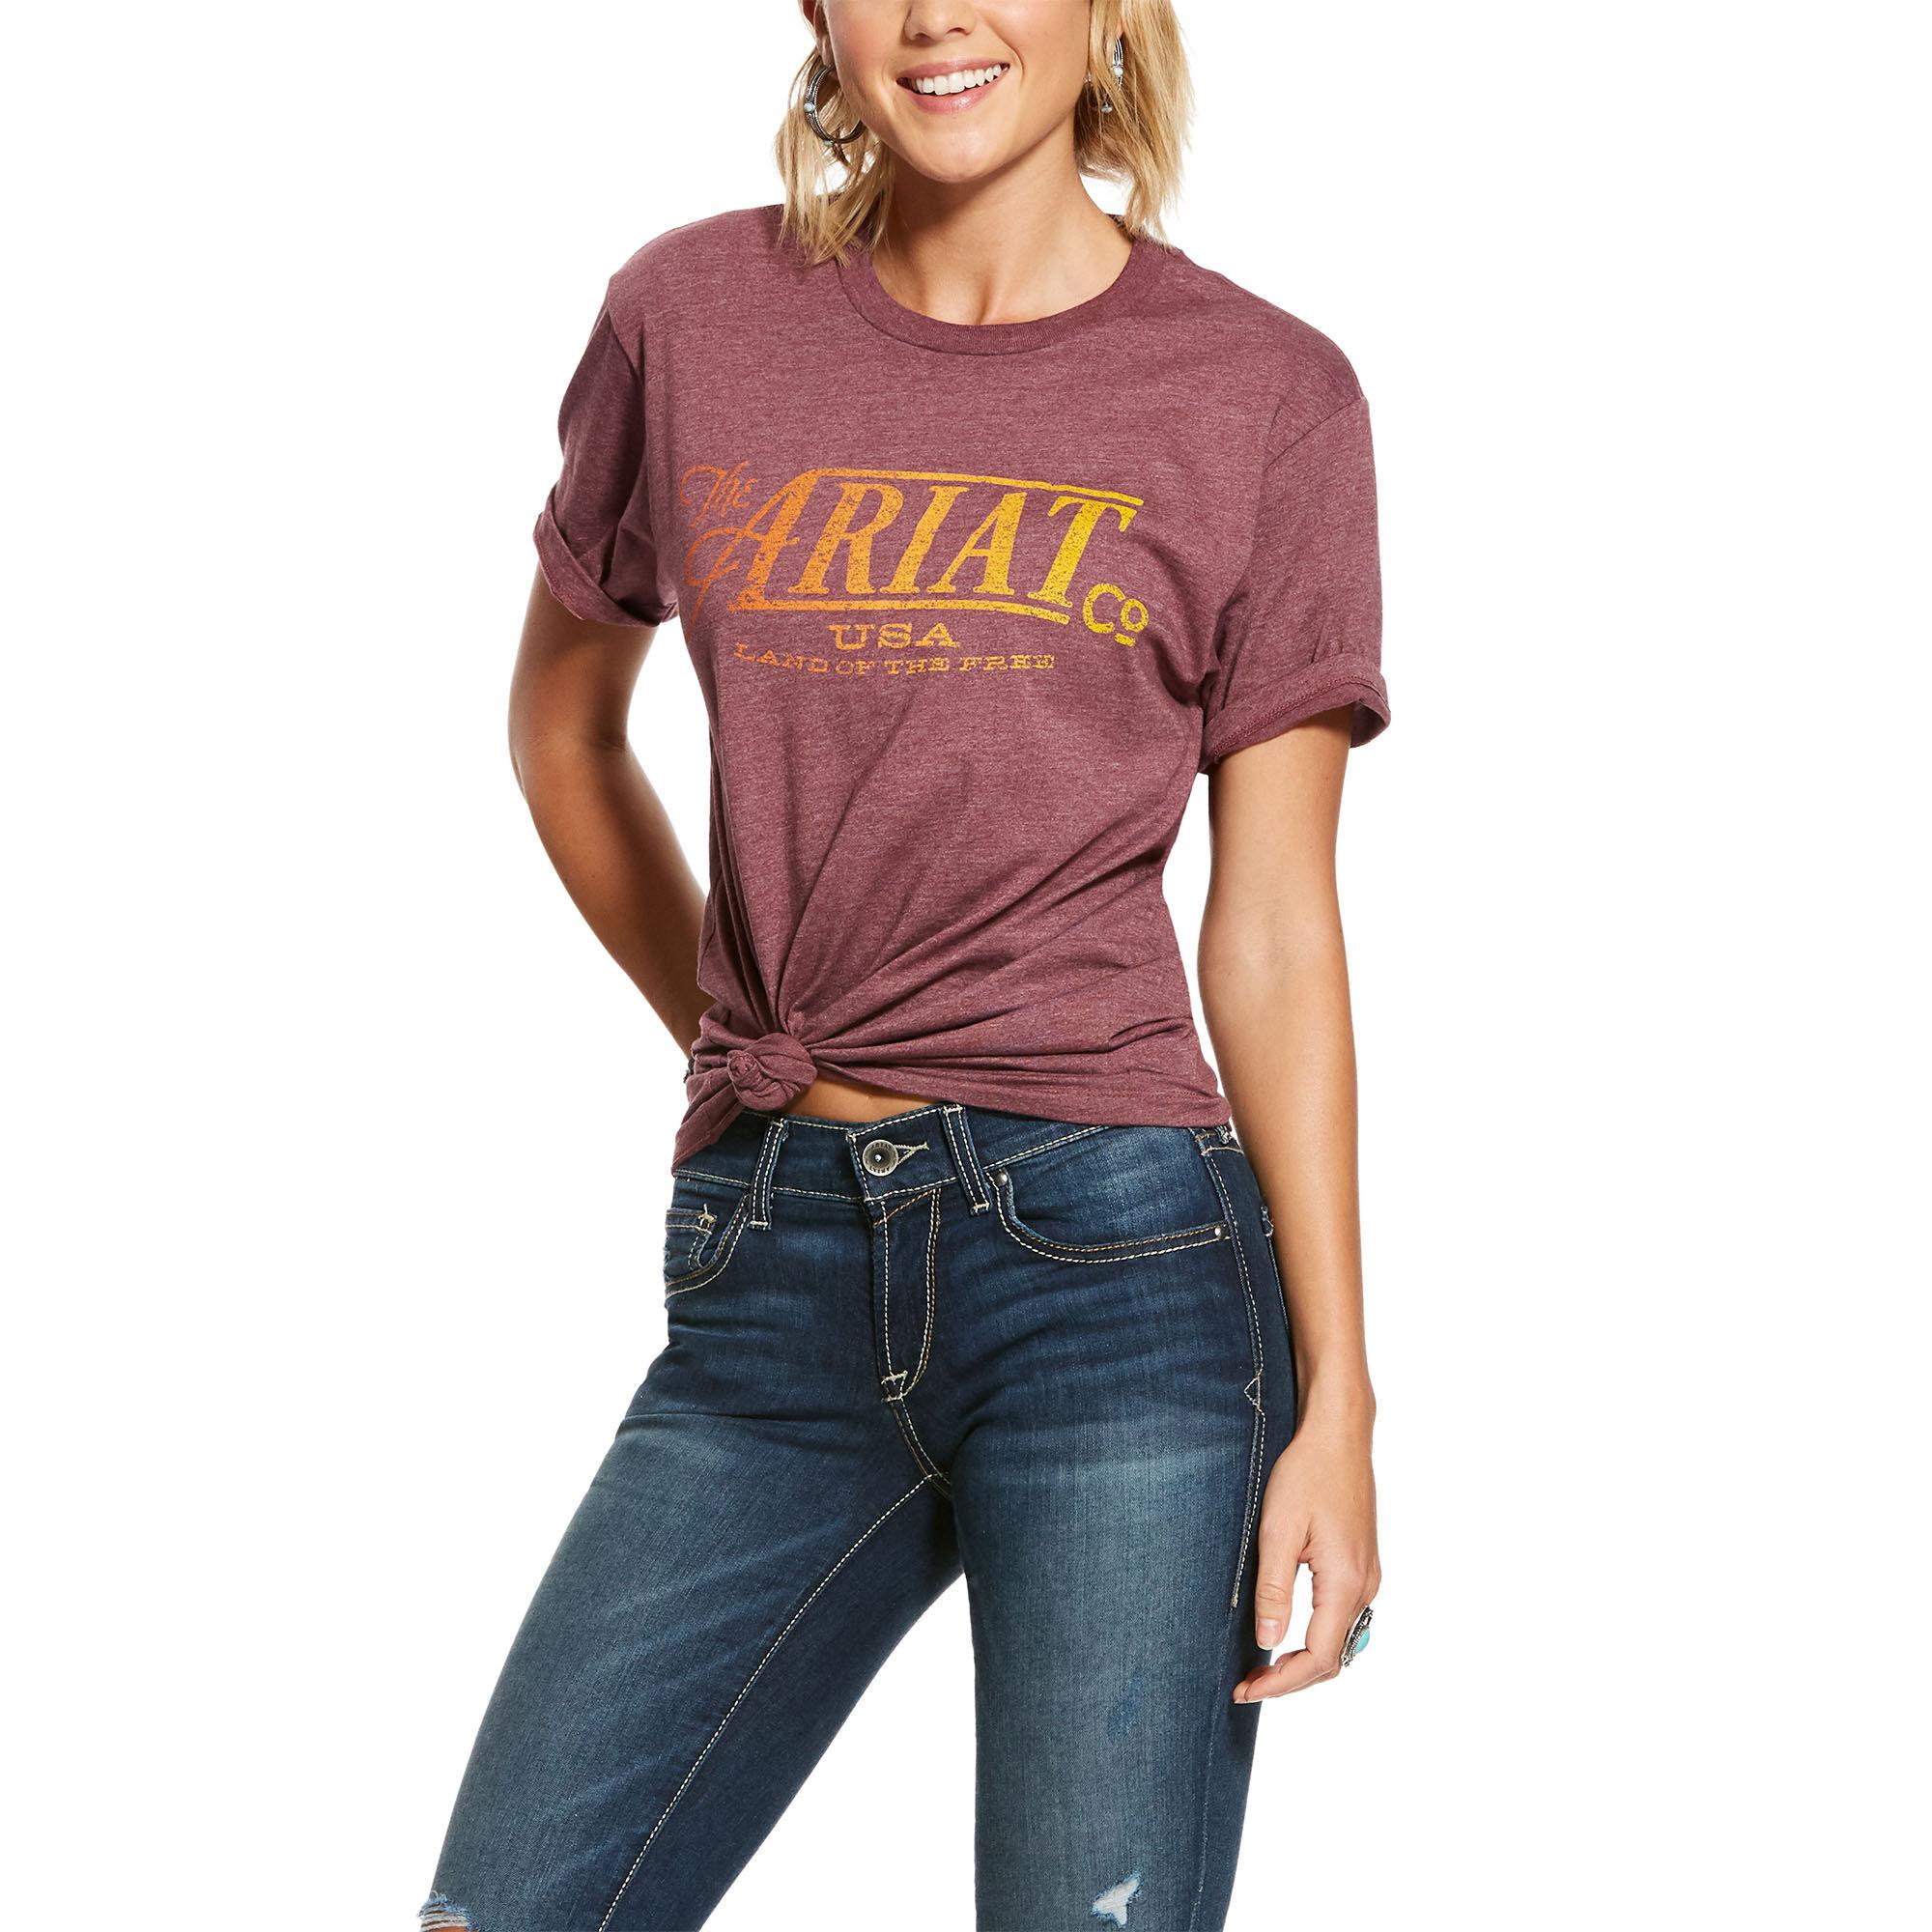 True SS T-Shirt